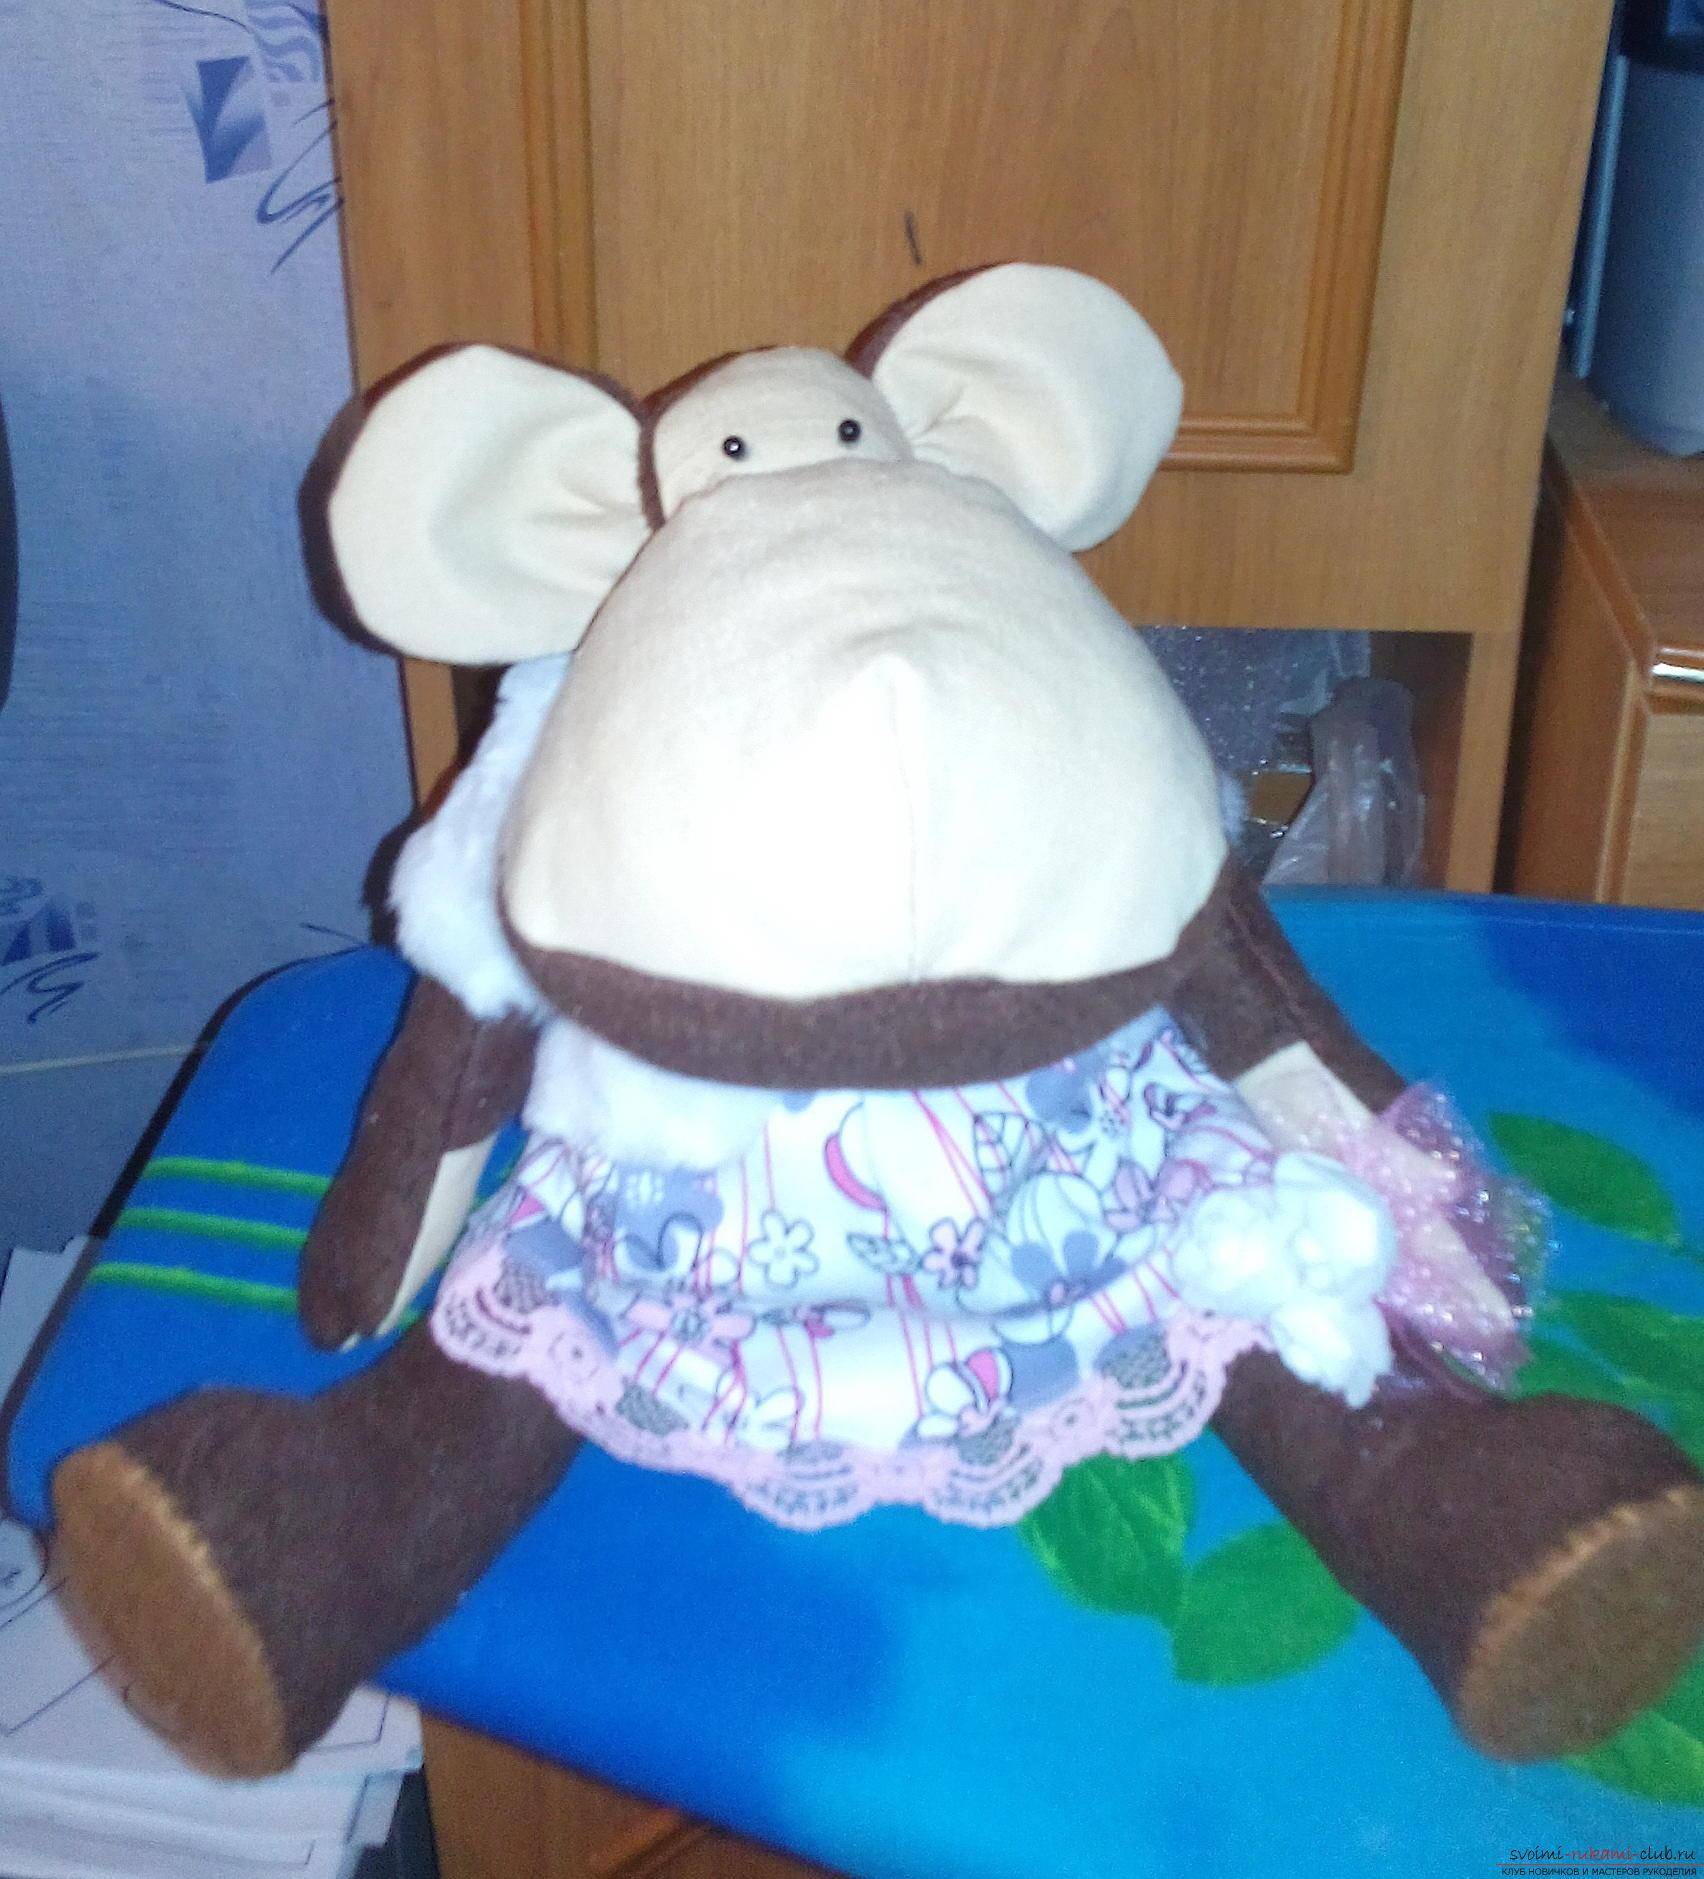 В качестве подарка на Новый гд 2016 я решила сшить непростую обезьяну, а создать игрушку в стиле тильда.. Фото №1